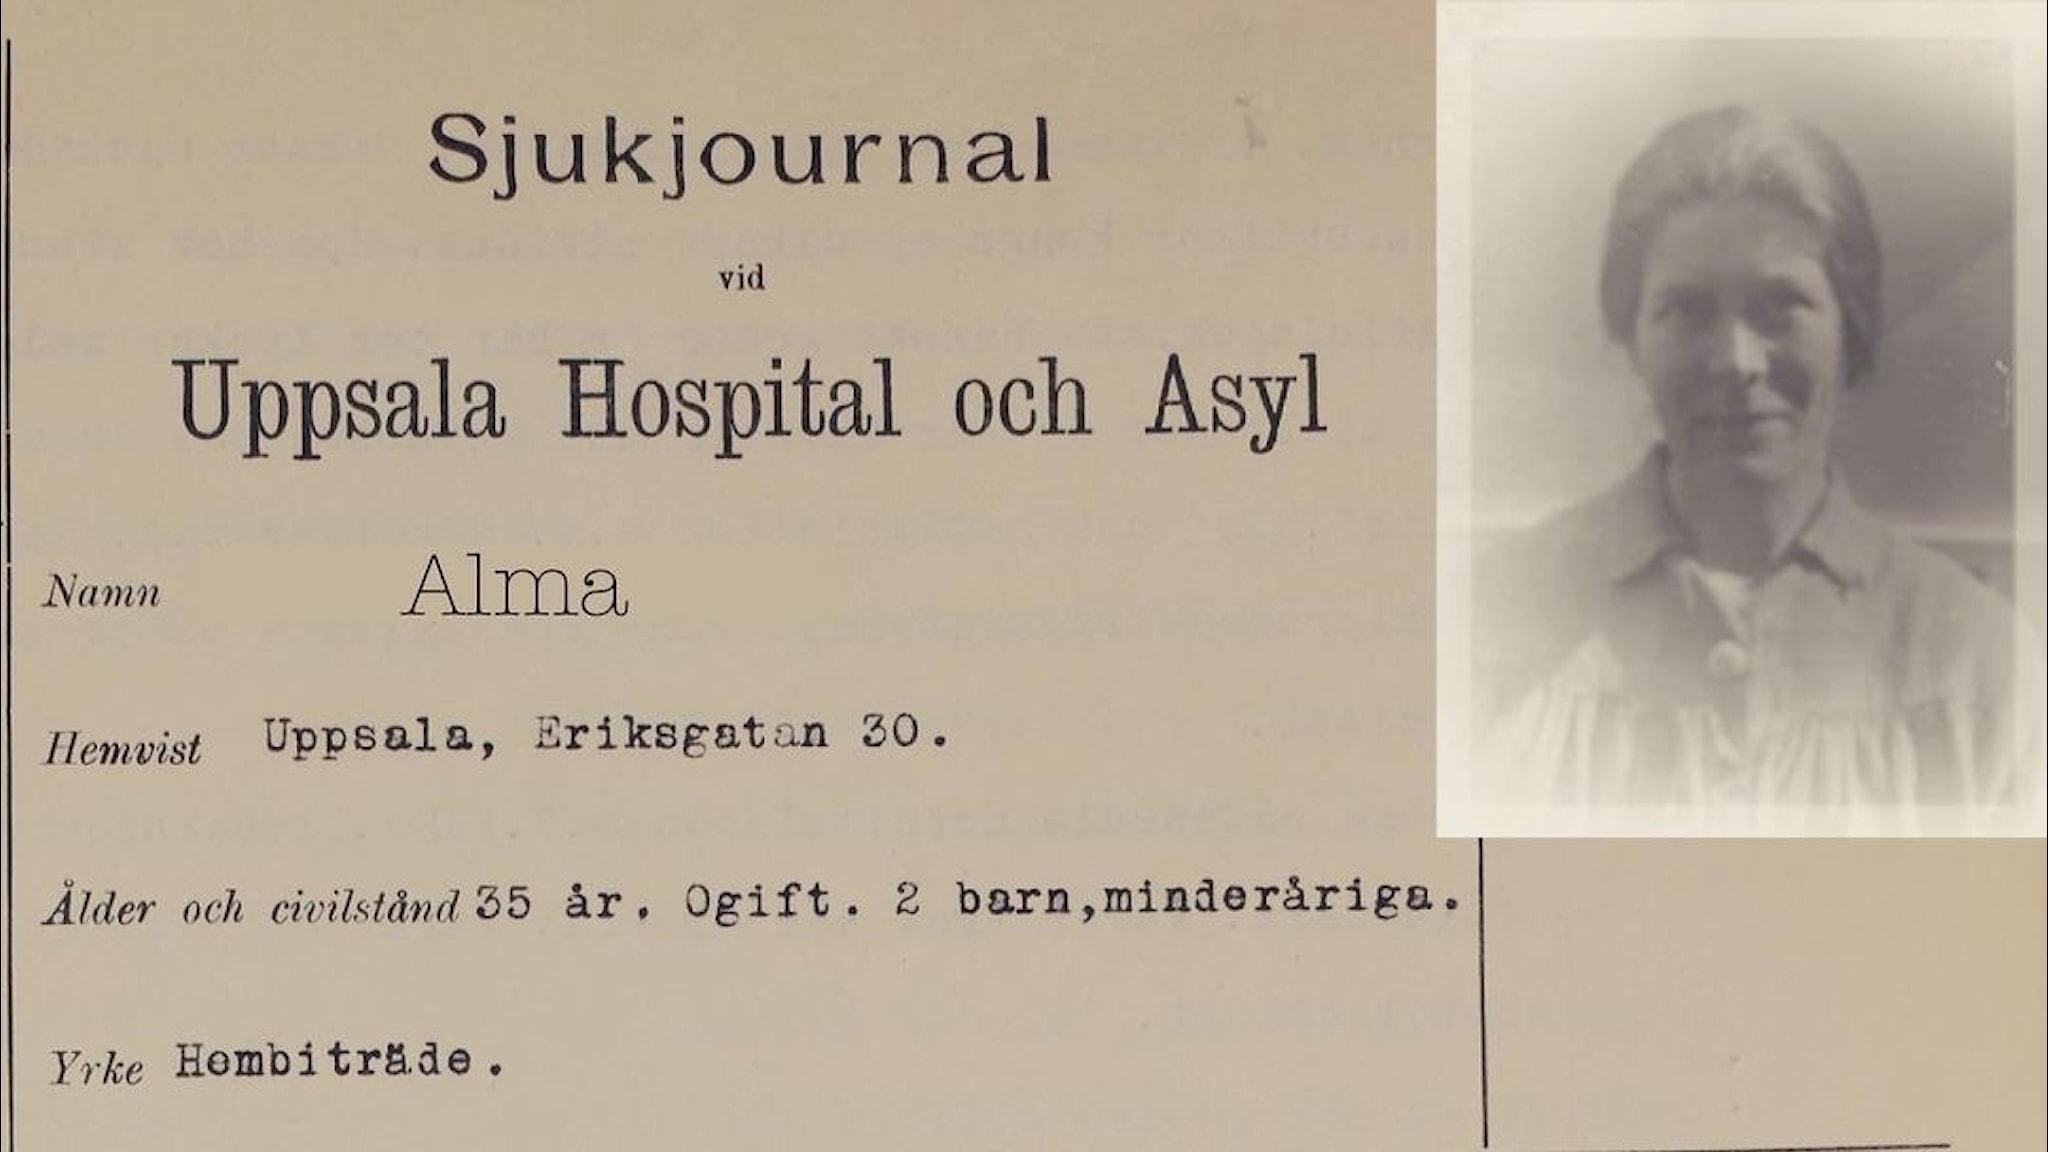 Bild av en sjukhusjournal från 1928 och ett foto av en kvinna.